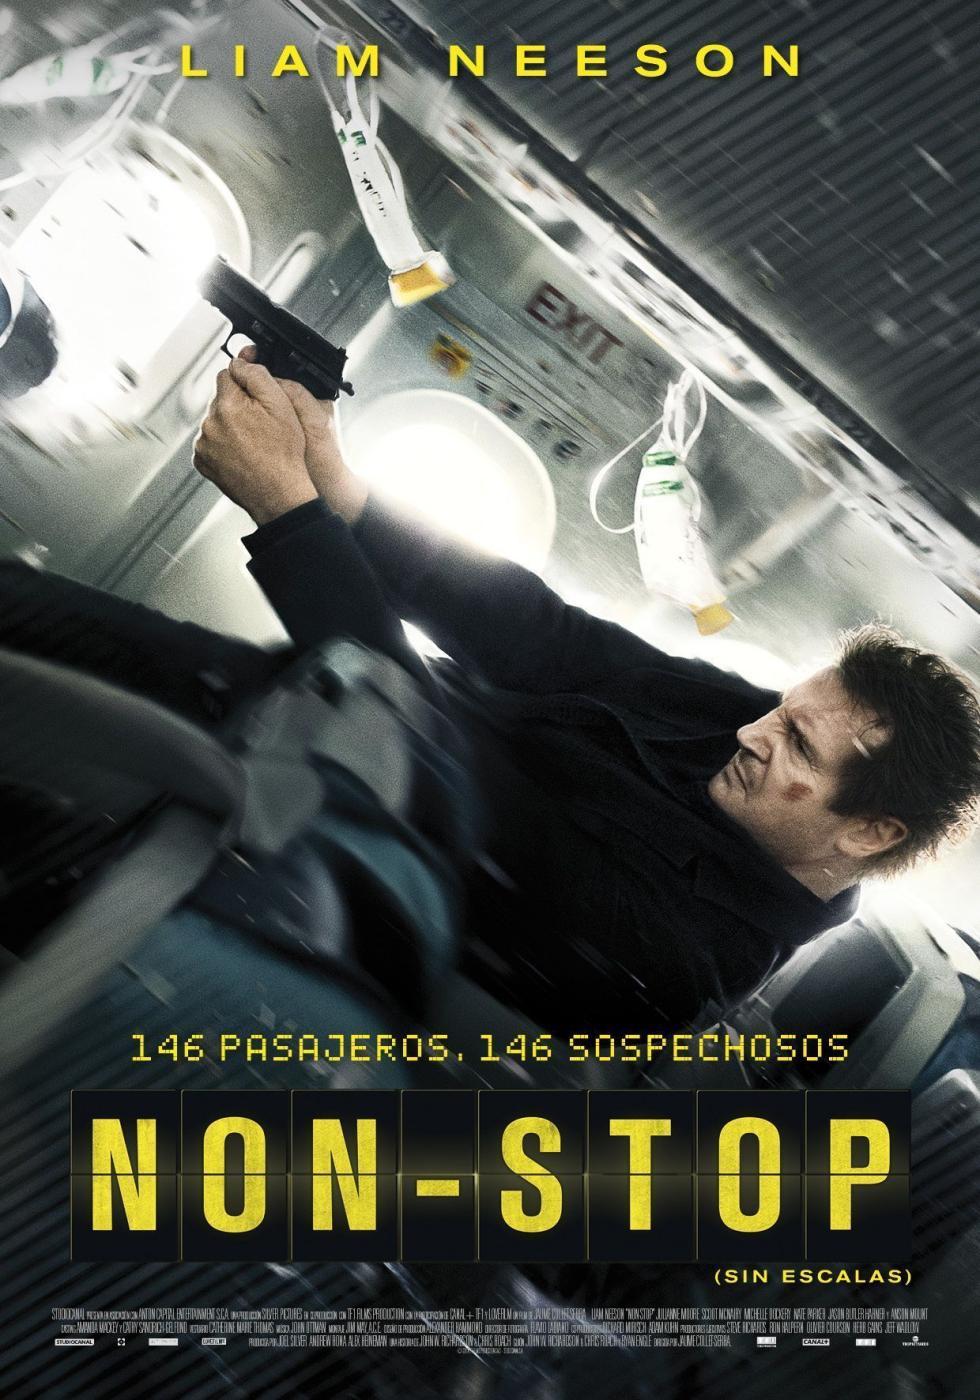 Non-Stop (Sin escalas)